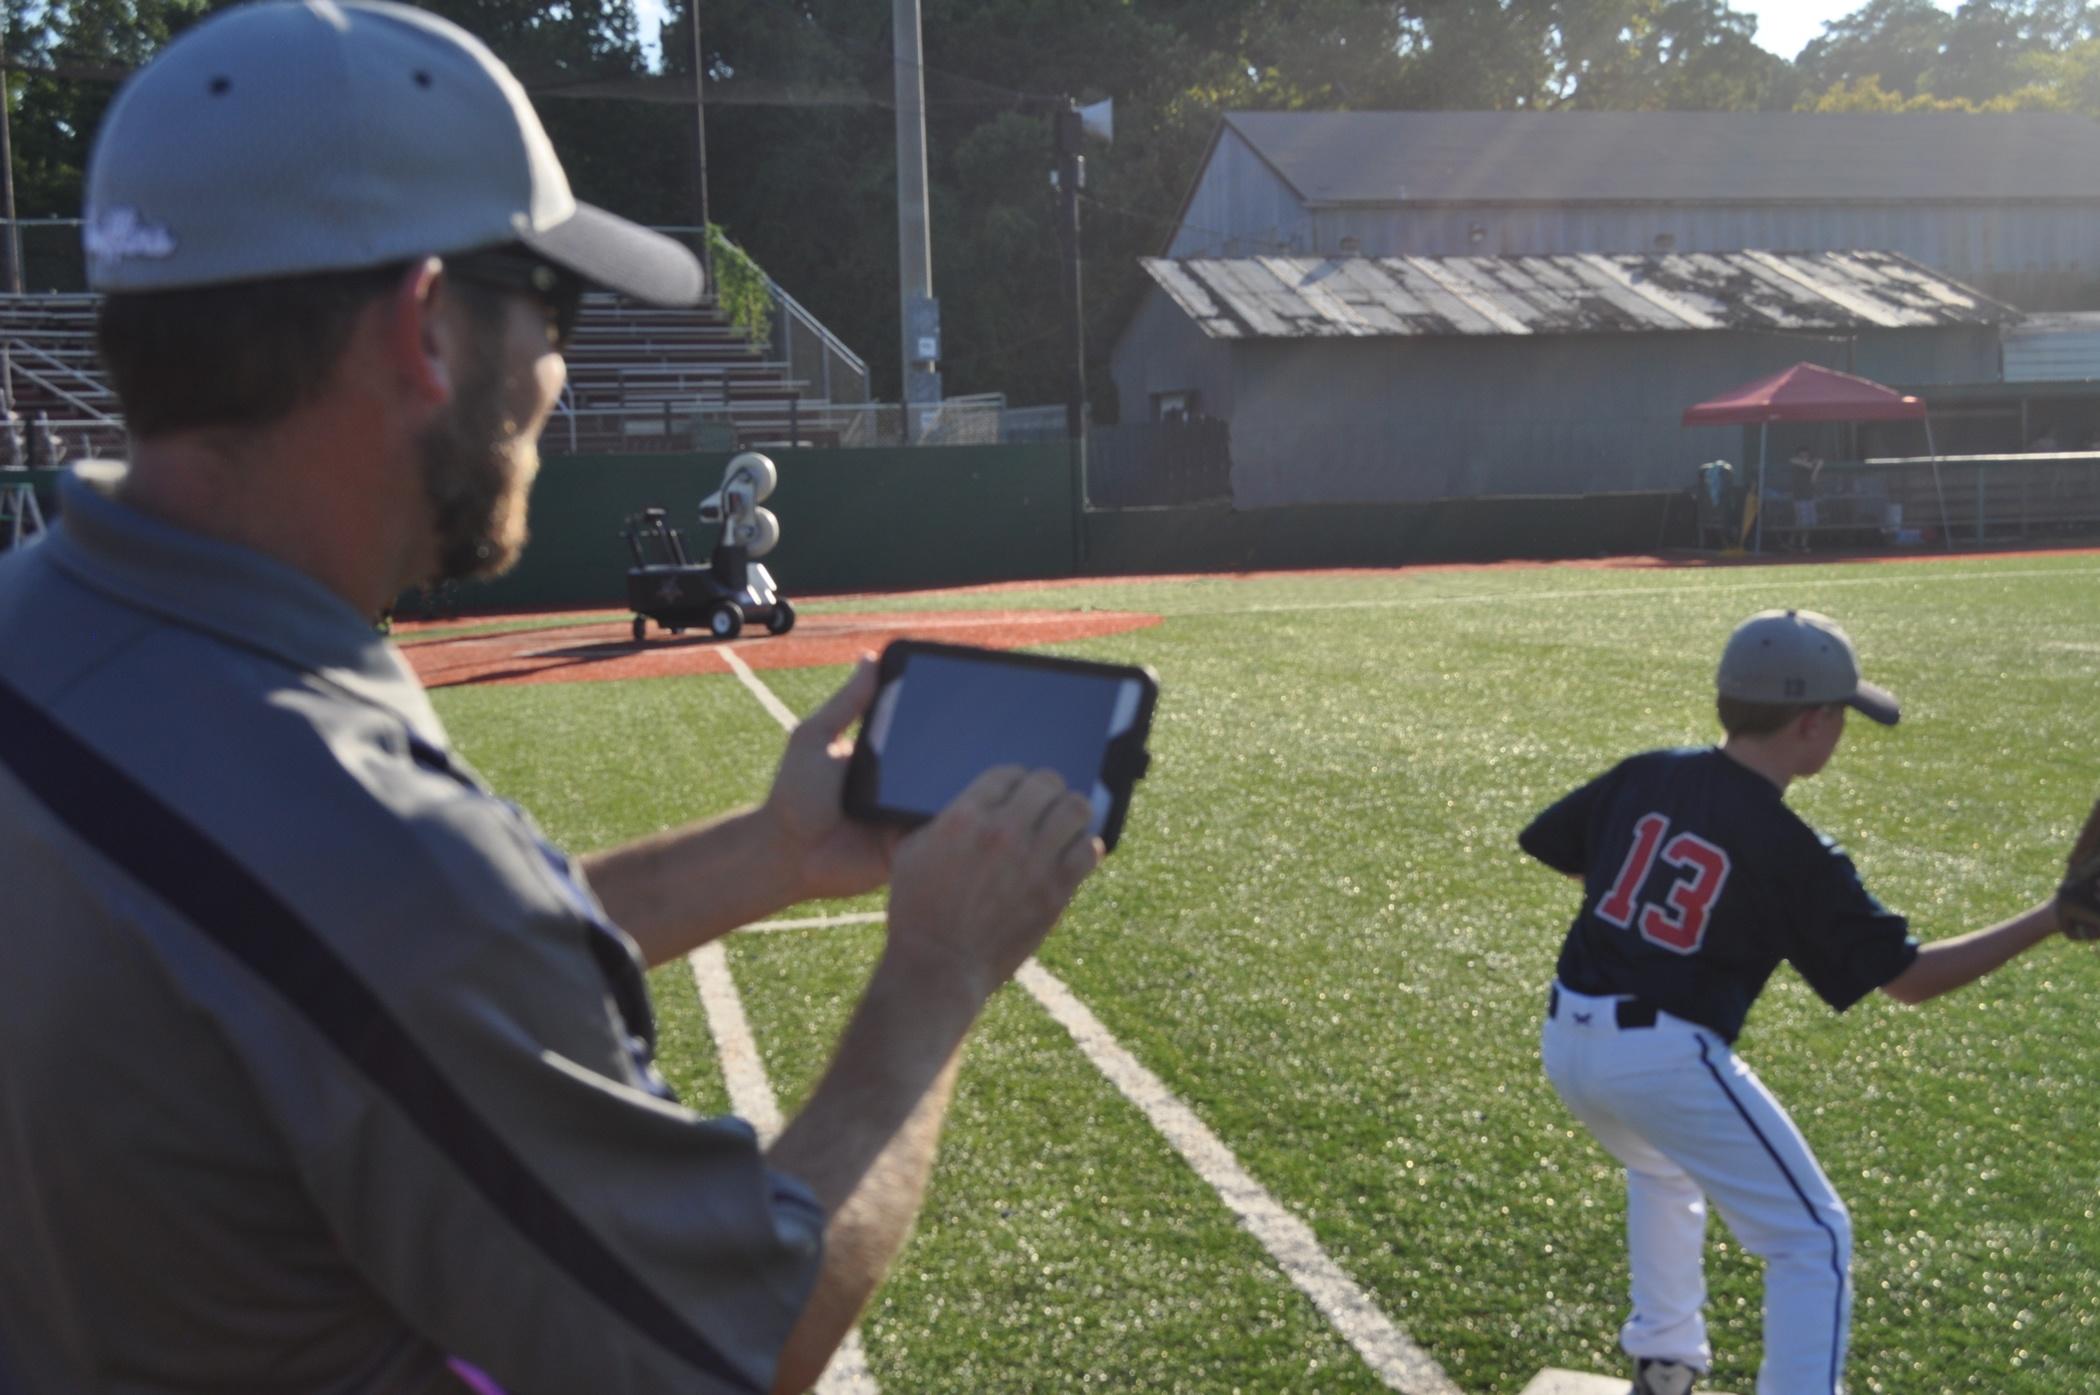 Coach using wireless controller coaching players